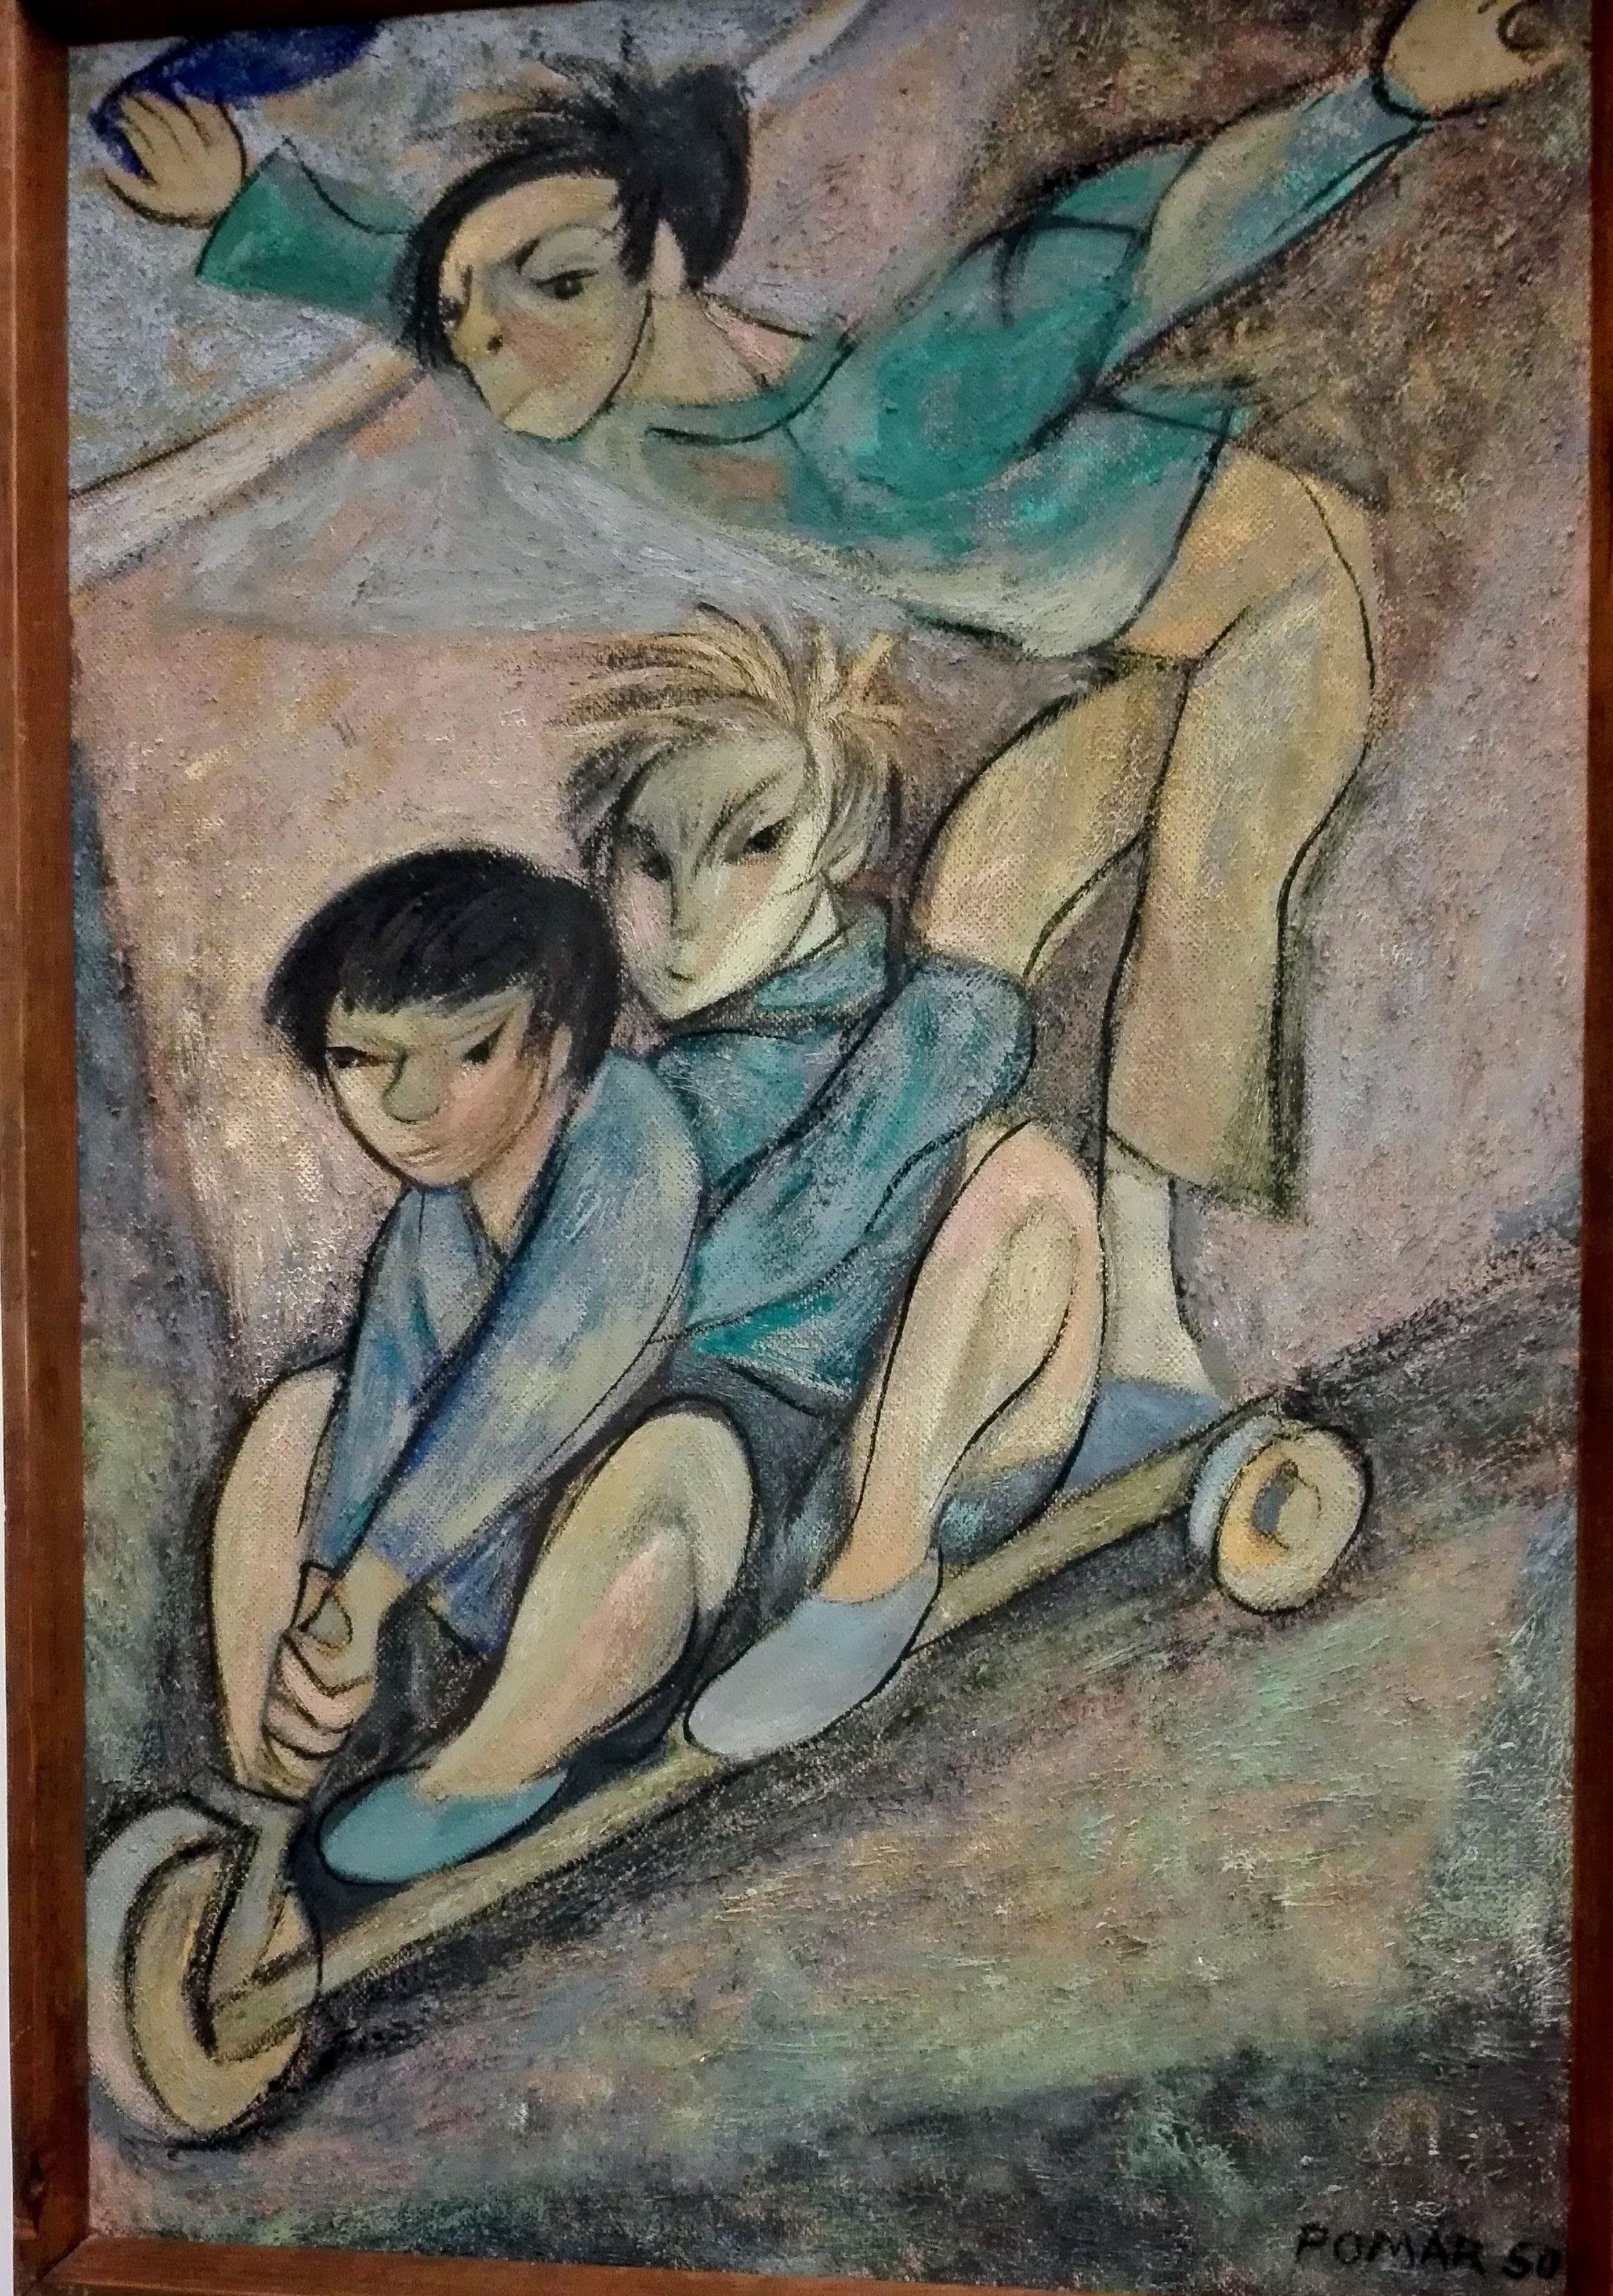 quadro de crianças